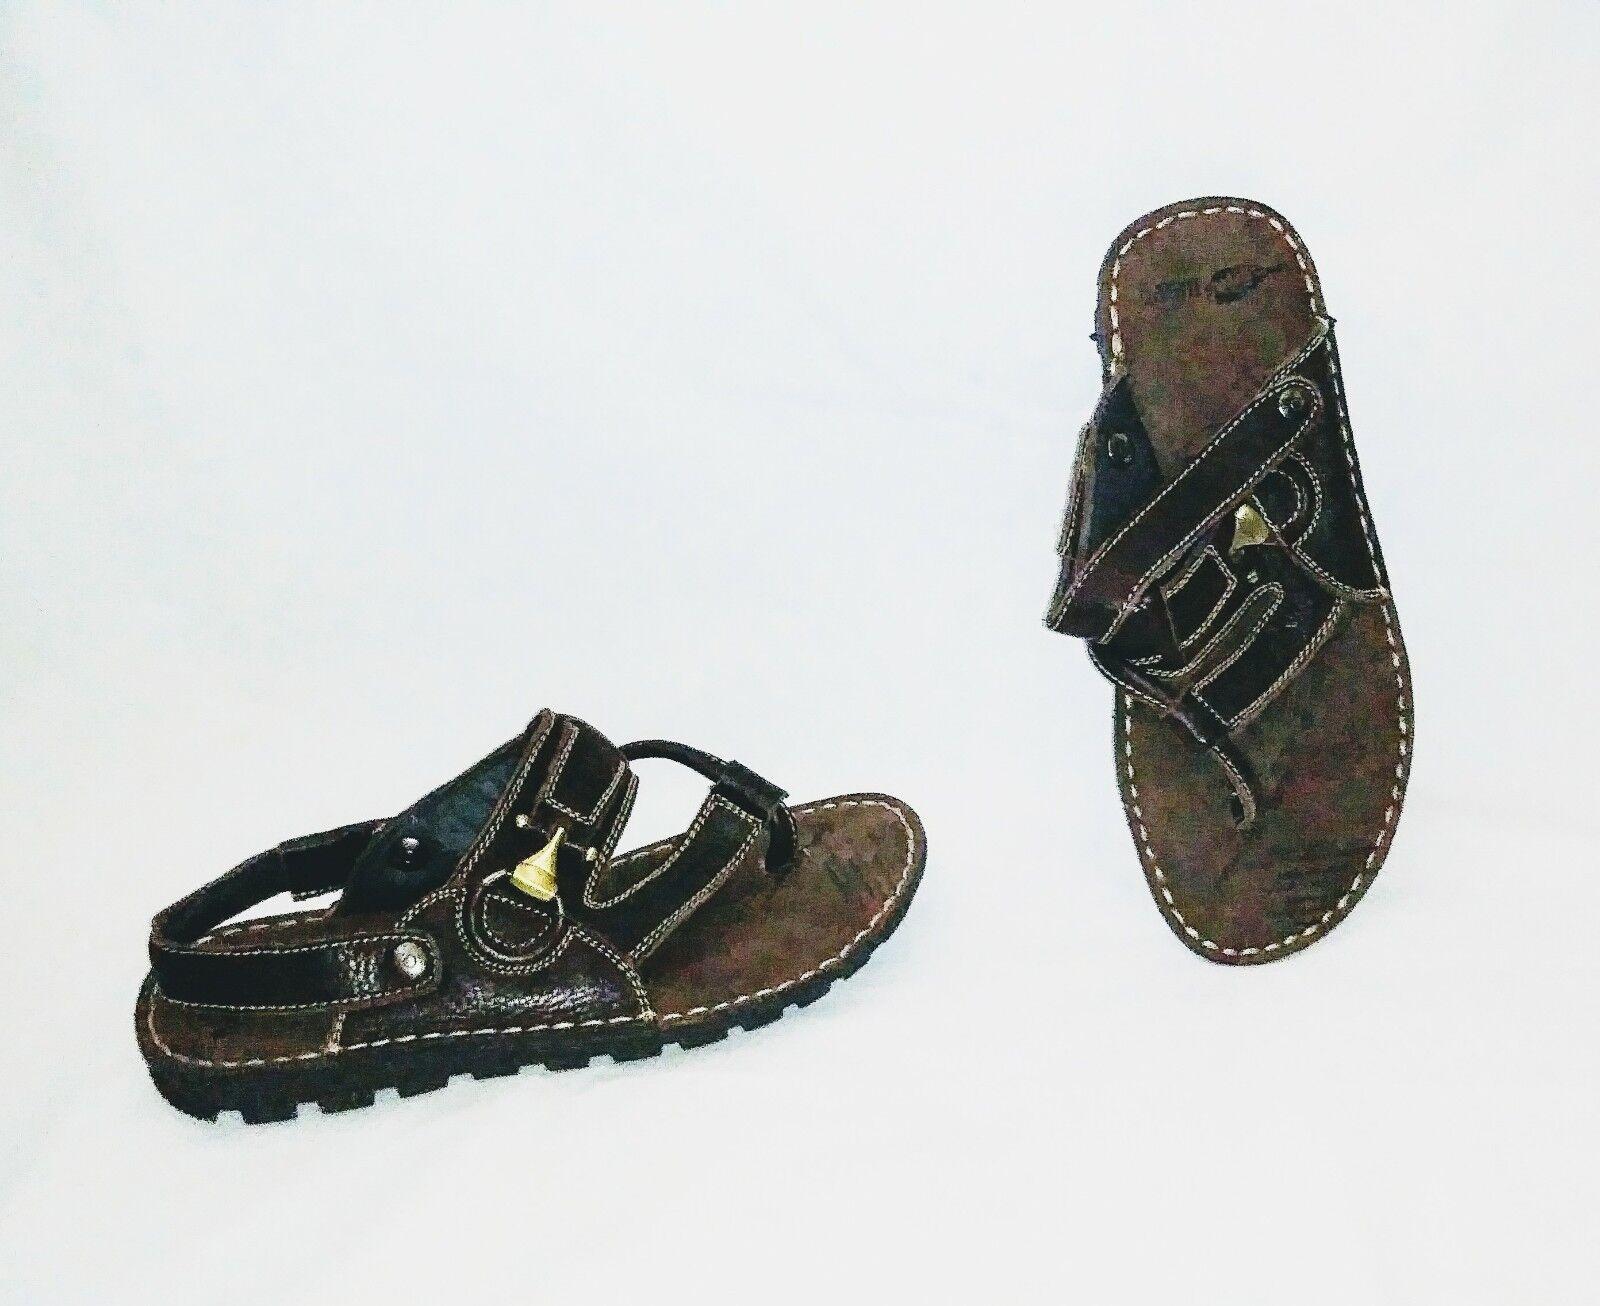 Nuevo sin etiquetas baesn importación Dinamarca Suela De Goma Goma Goma Sandalias De Cuero Zapatos ortopédicos SZ-8.5 9  mejor opcion